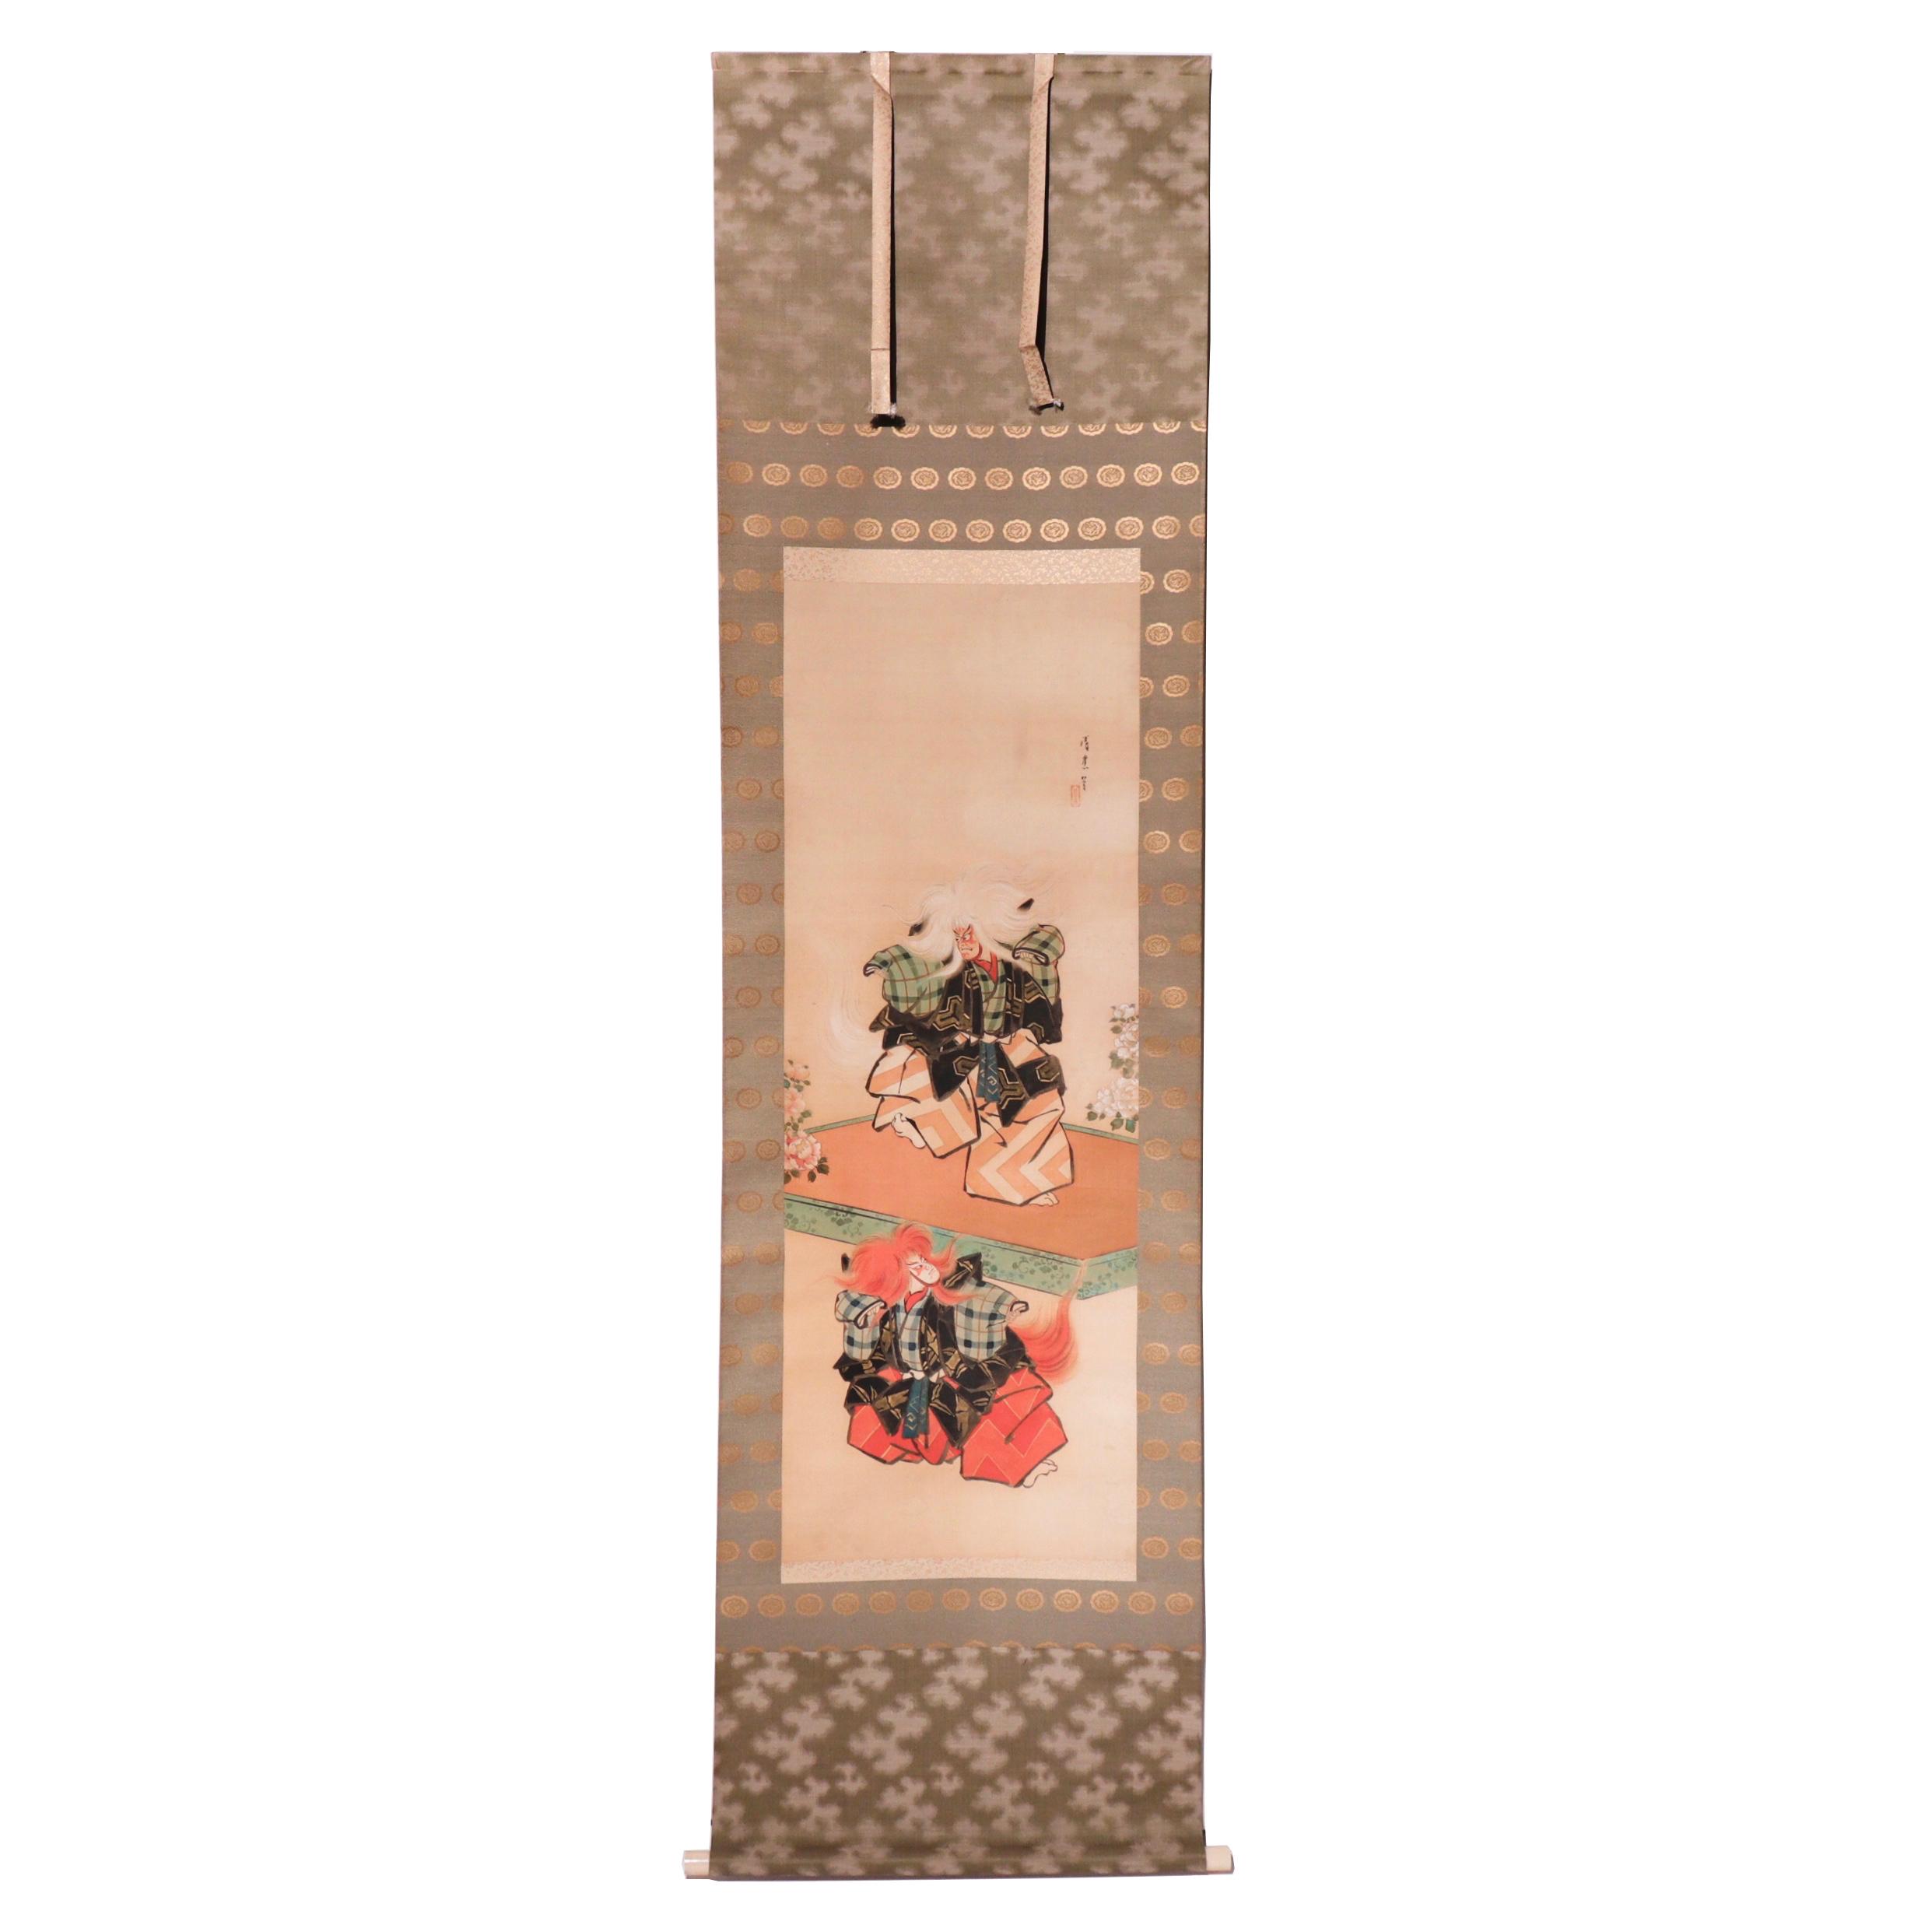 NH10012: Kabuki Ningyo Scroll, Torii Kiyotada